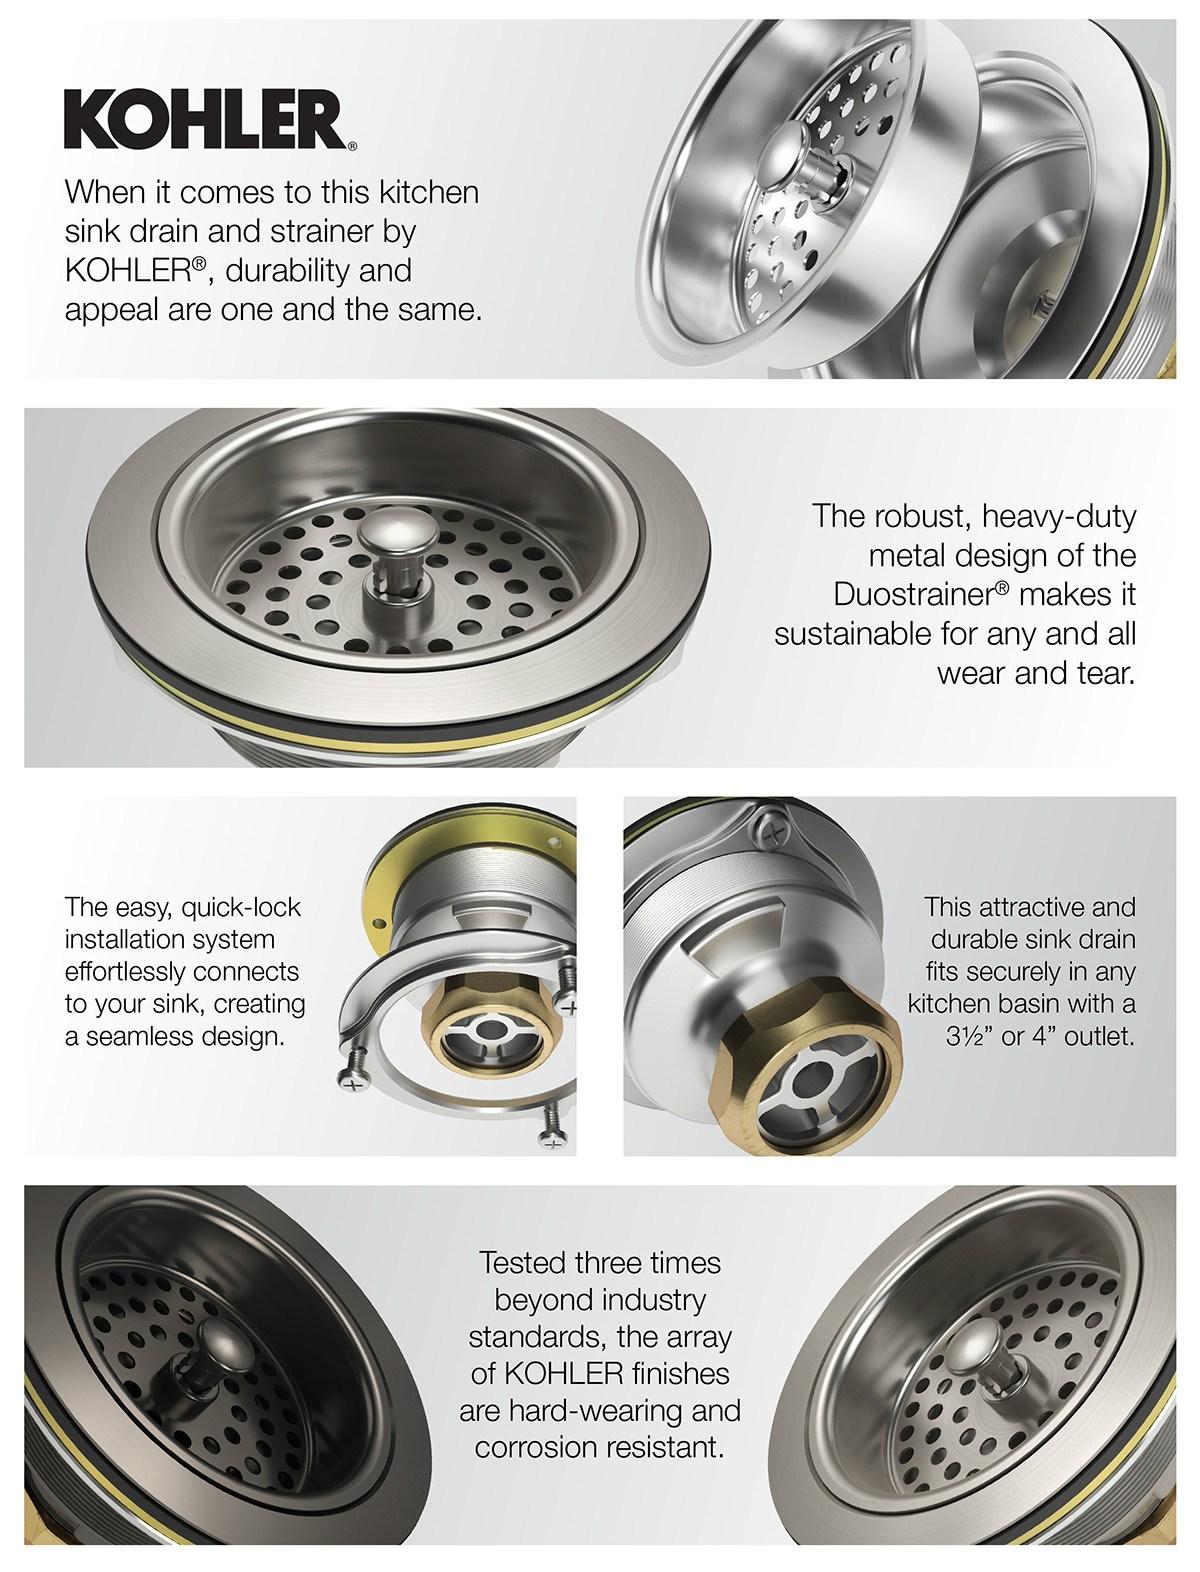 Home Depot Sink Strainer : depot, strainer, KOHLER, Duostrainer, 4-1/2, Strainer, Oil-Rubbed, Bronze-K-8799-2BZ, Depot